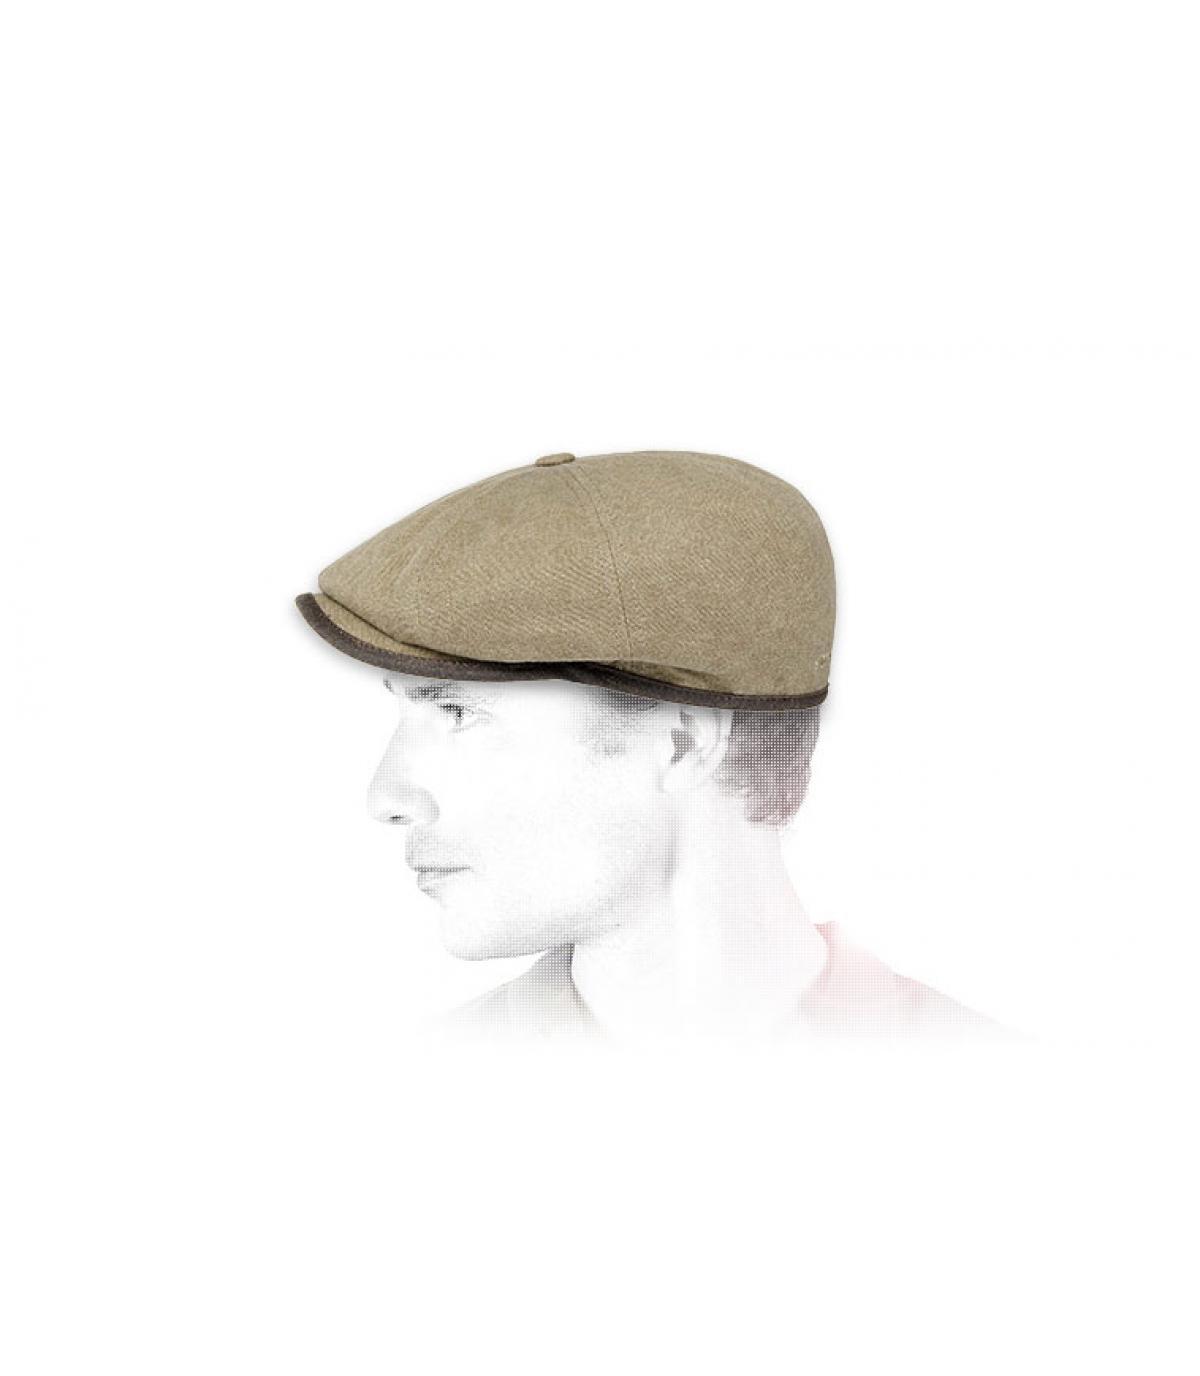 Stetson newsboy cap beige